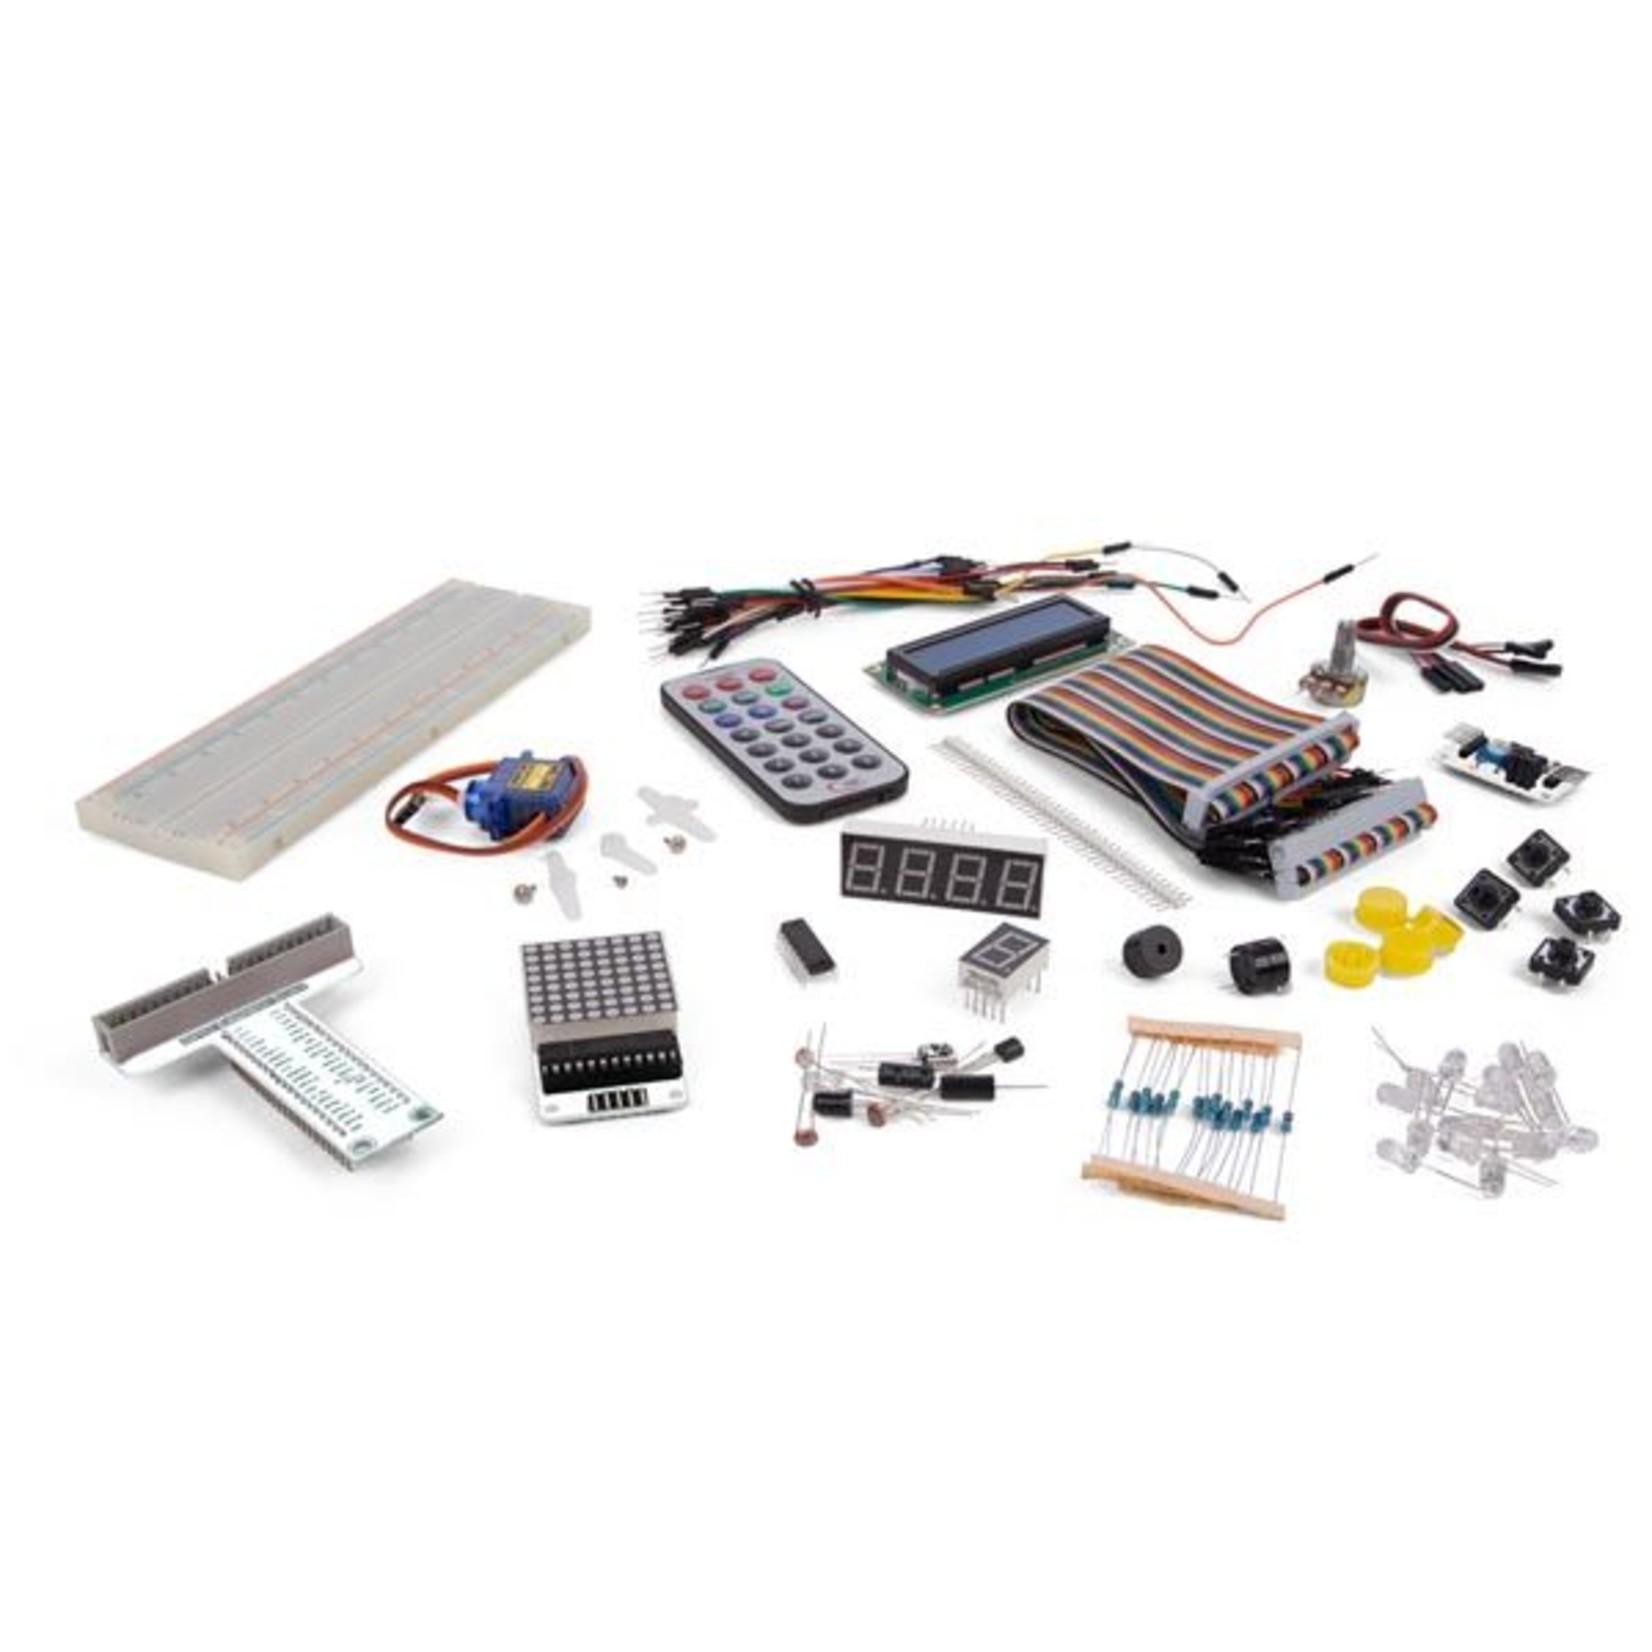 Velleman Experiment kit for Raspberry Pi®